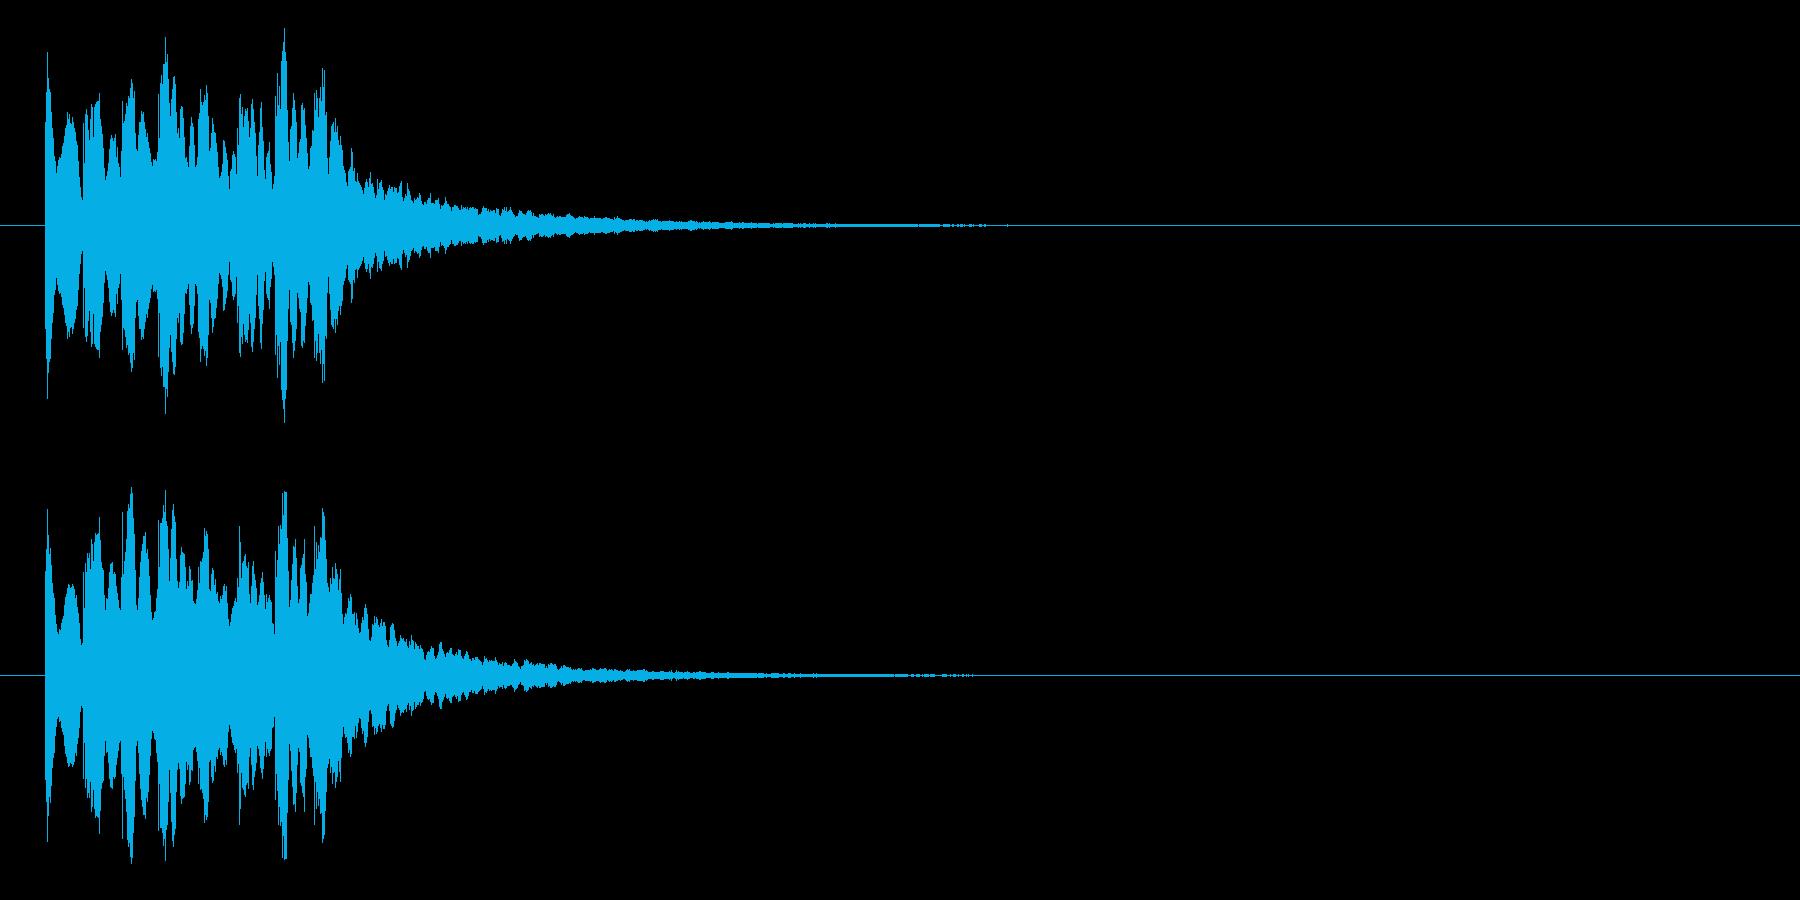 キラキラ系アイキャッチ3の再生済みの波形